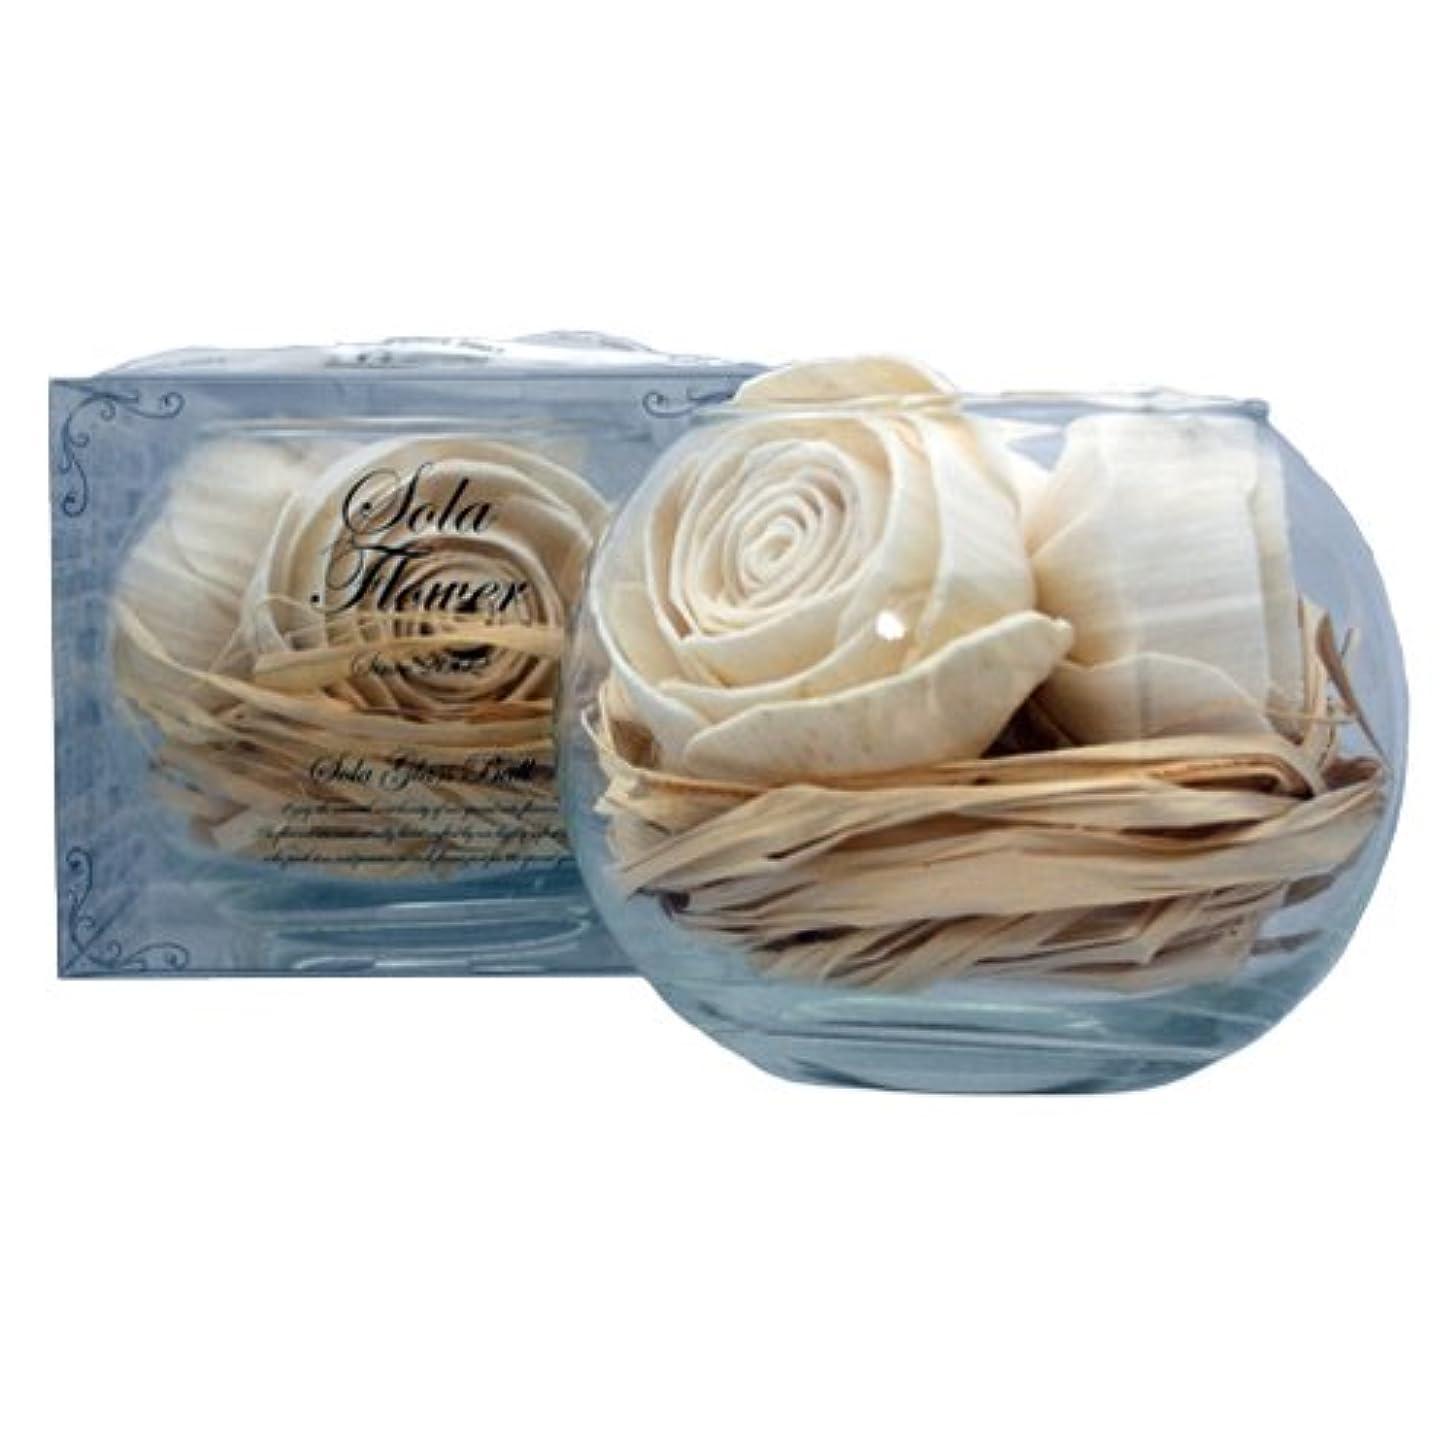 アナロジーやけどキッチンnew Sola Flower ソラフラワー グラスボウル Original Rose オリジナルローズ Glass Bowl